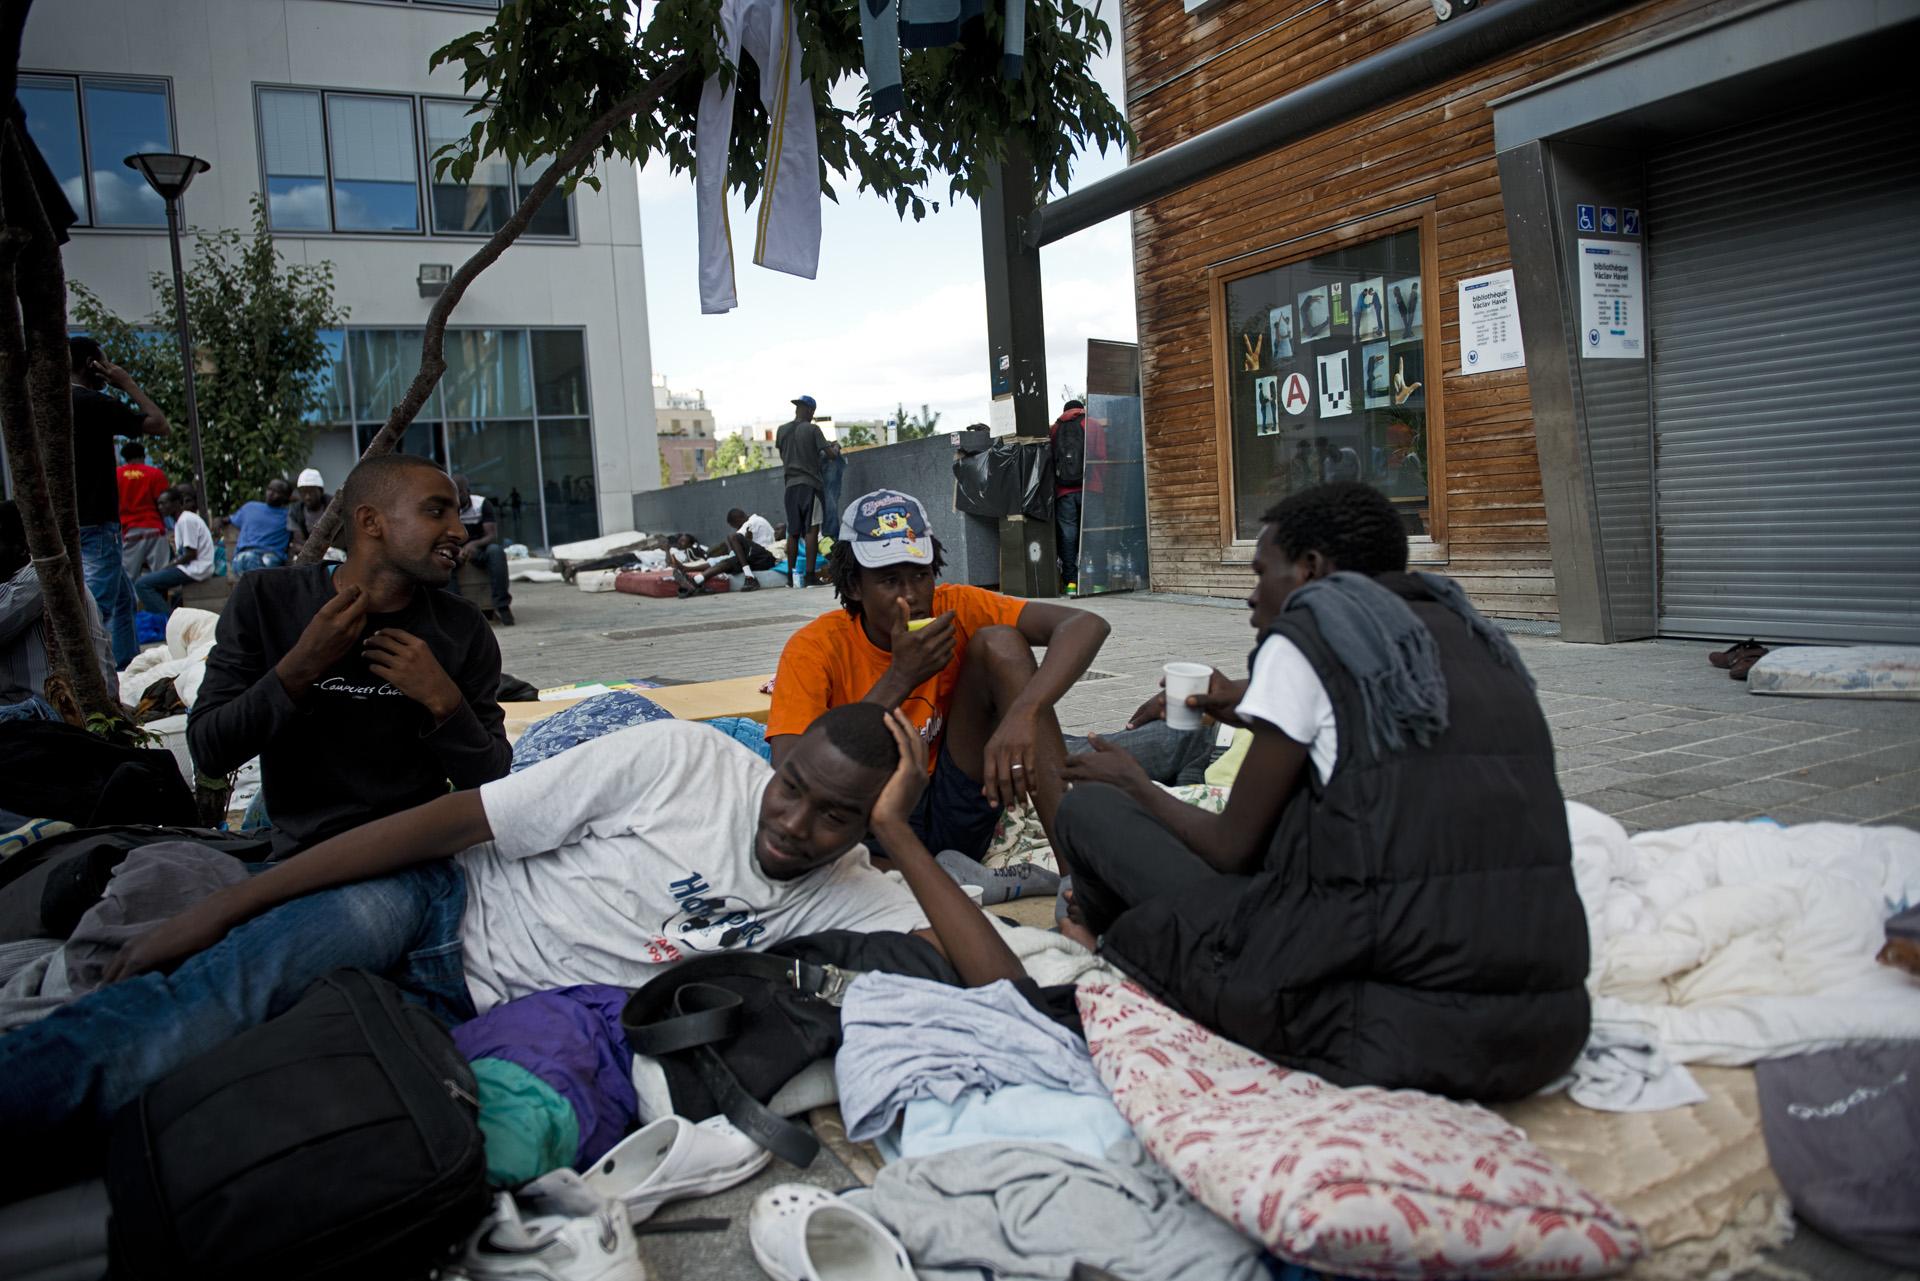 Les migrants qui arrivent sur le camp n'ont, au mieux, que quelques effets personnels et dépendent des dons pour ne pas dormir à même le sol.Paris 18ème, le 12 juillet 2015.